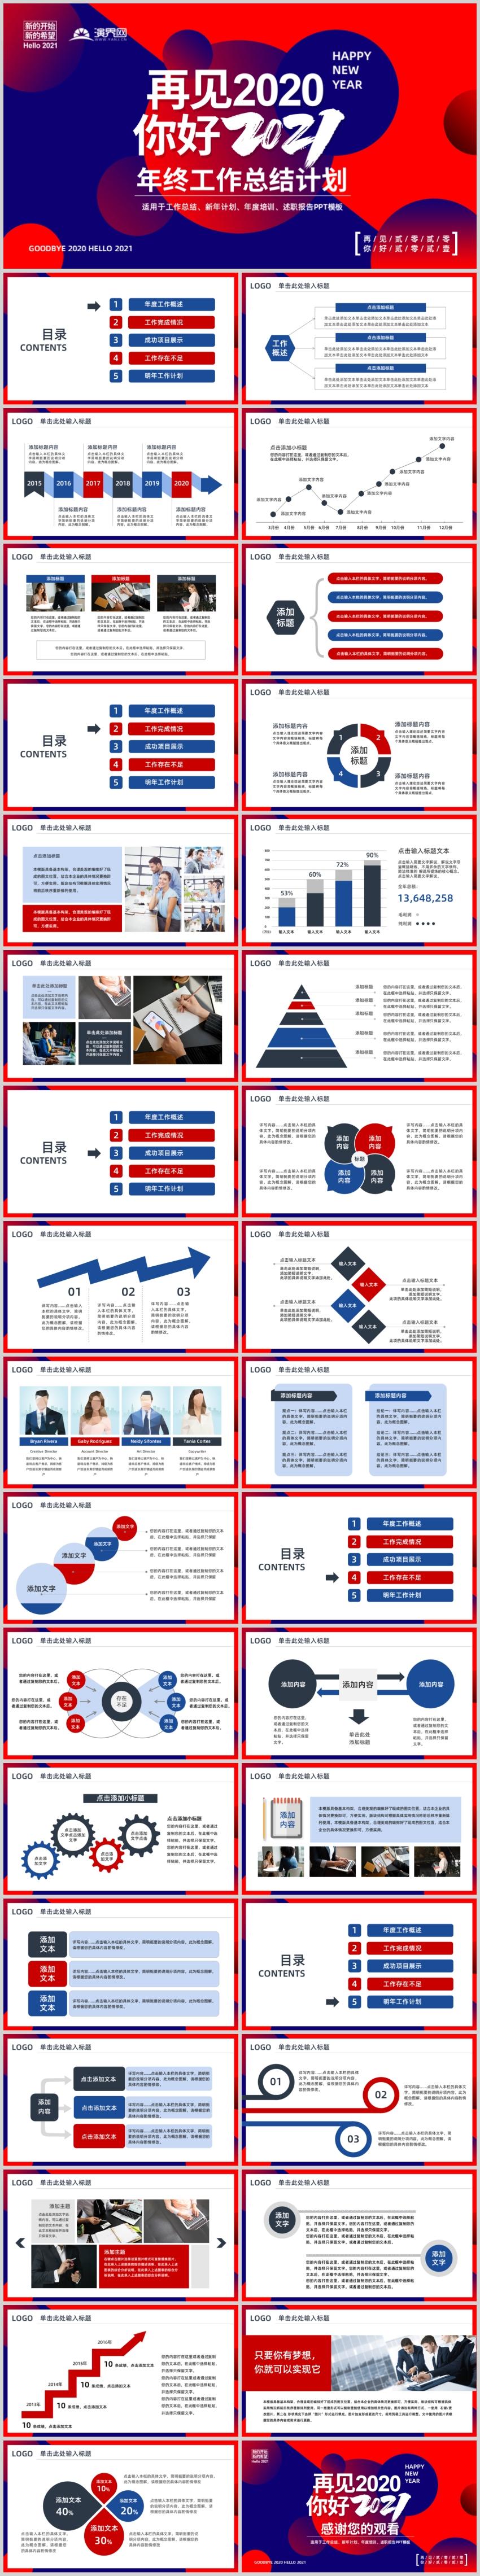 时尚创意红蓝风格年终总结述职报告PPT模板